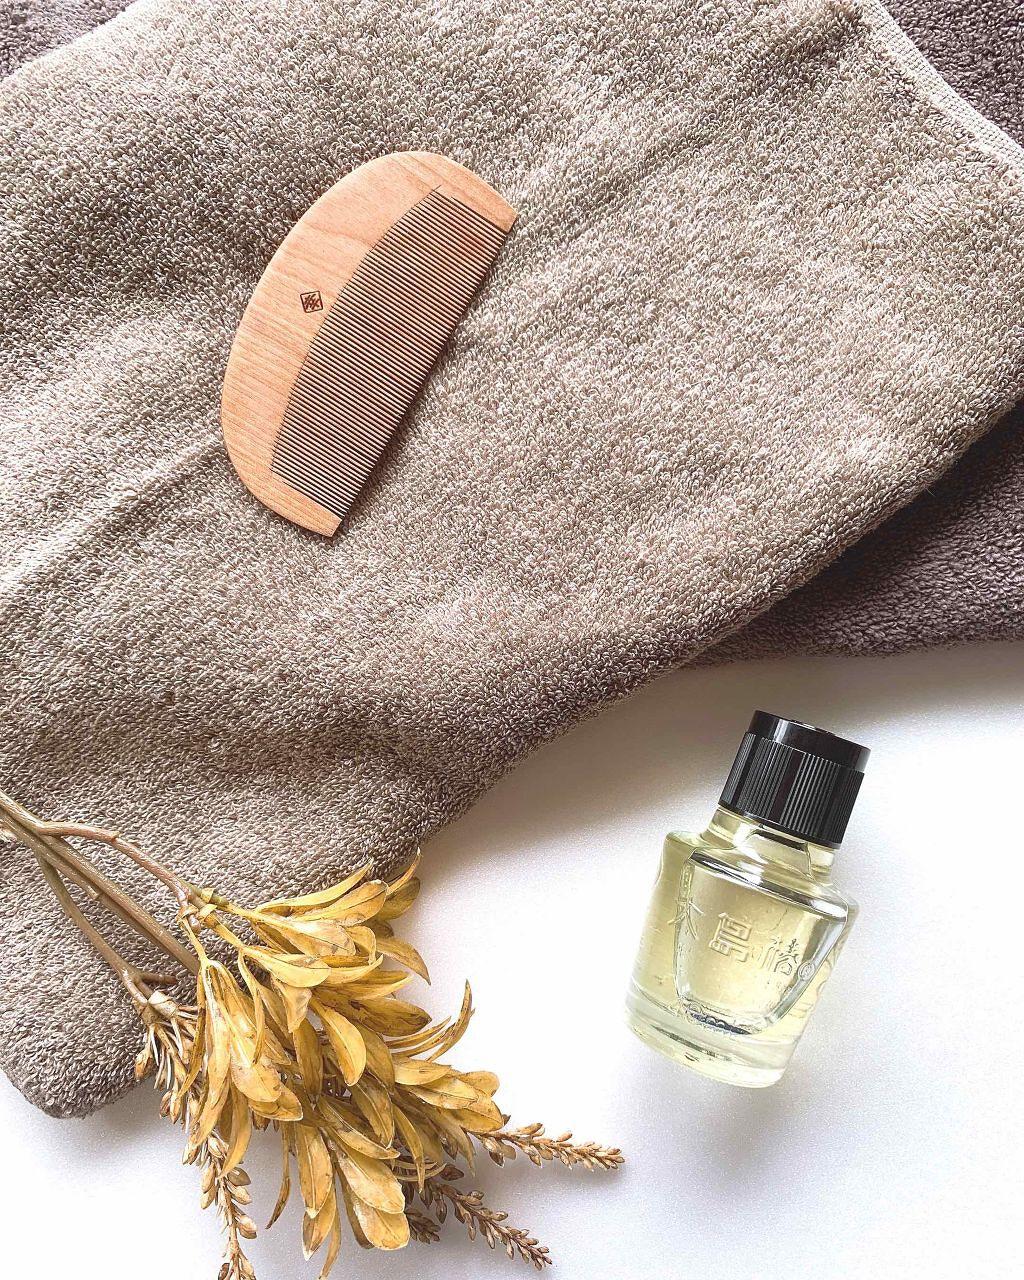 「椿油の《11通りの使い方》を解説!髪、顔、全身に使えるマルチなおすすめ椿油3選」の画像(#188503)